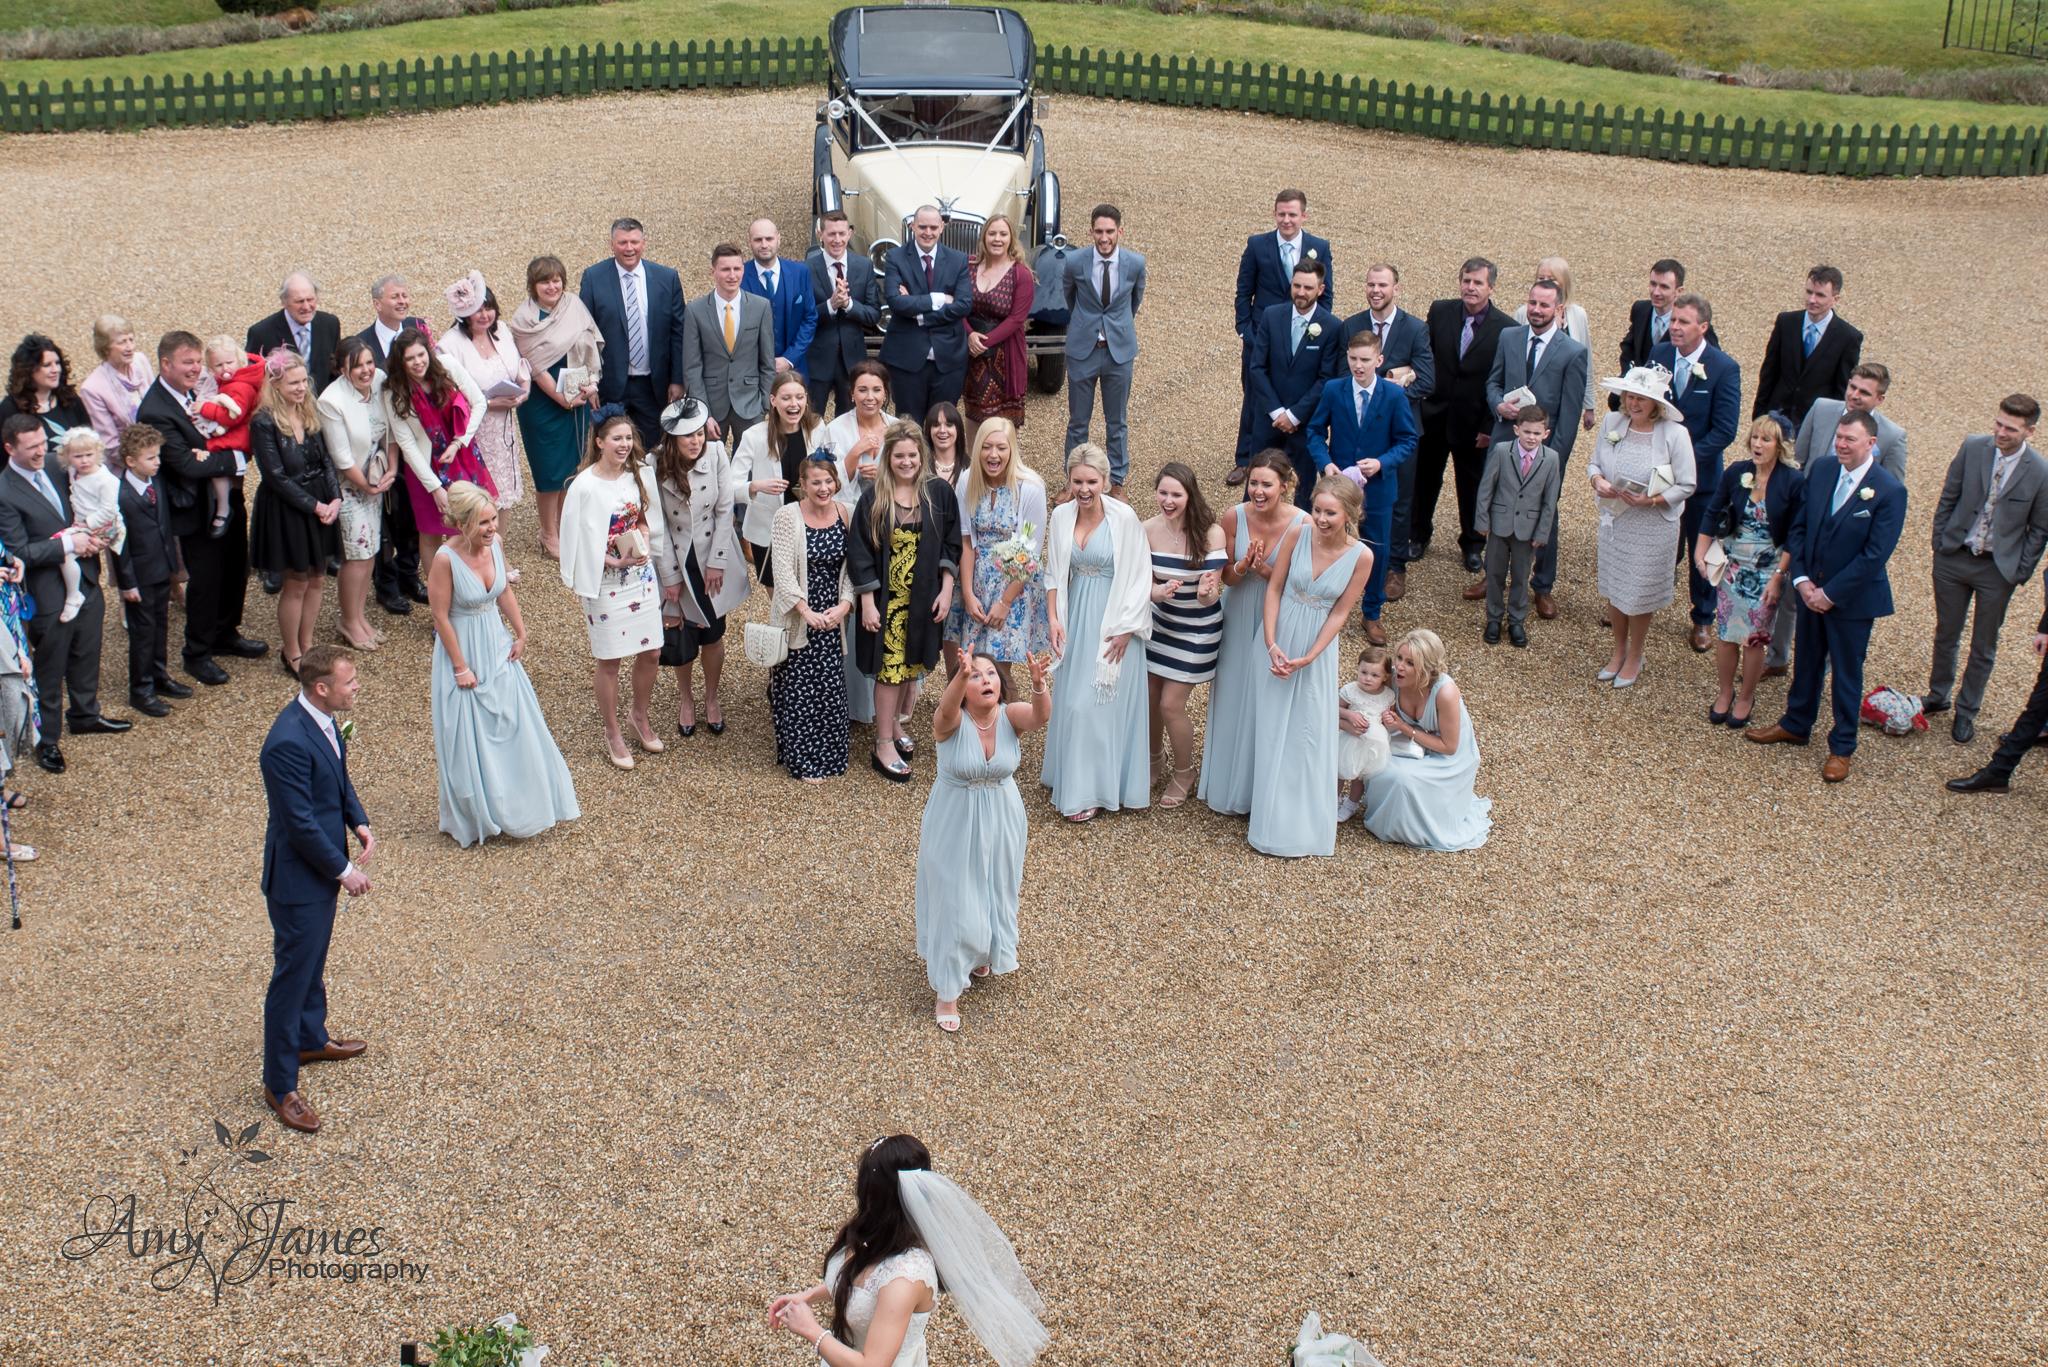 Hampshire wedding photographer // Fleet wedding Photographer // Warbrook house weding Photographer // Aldershot Garrison wedding